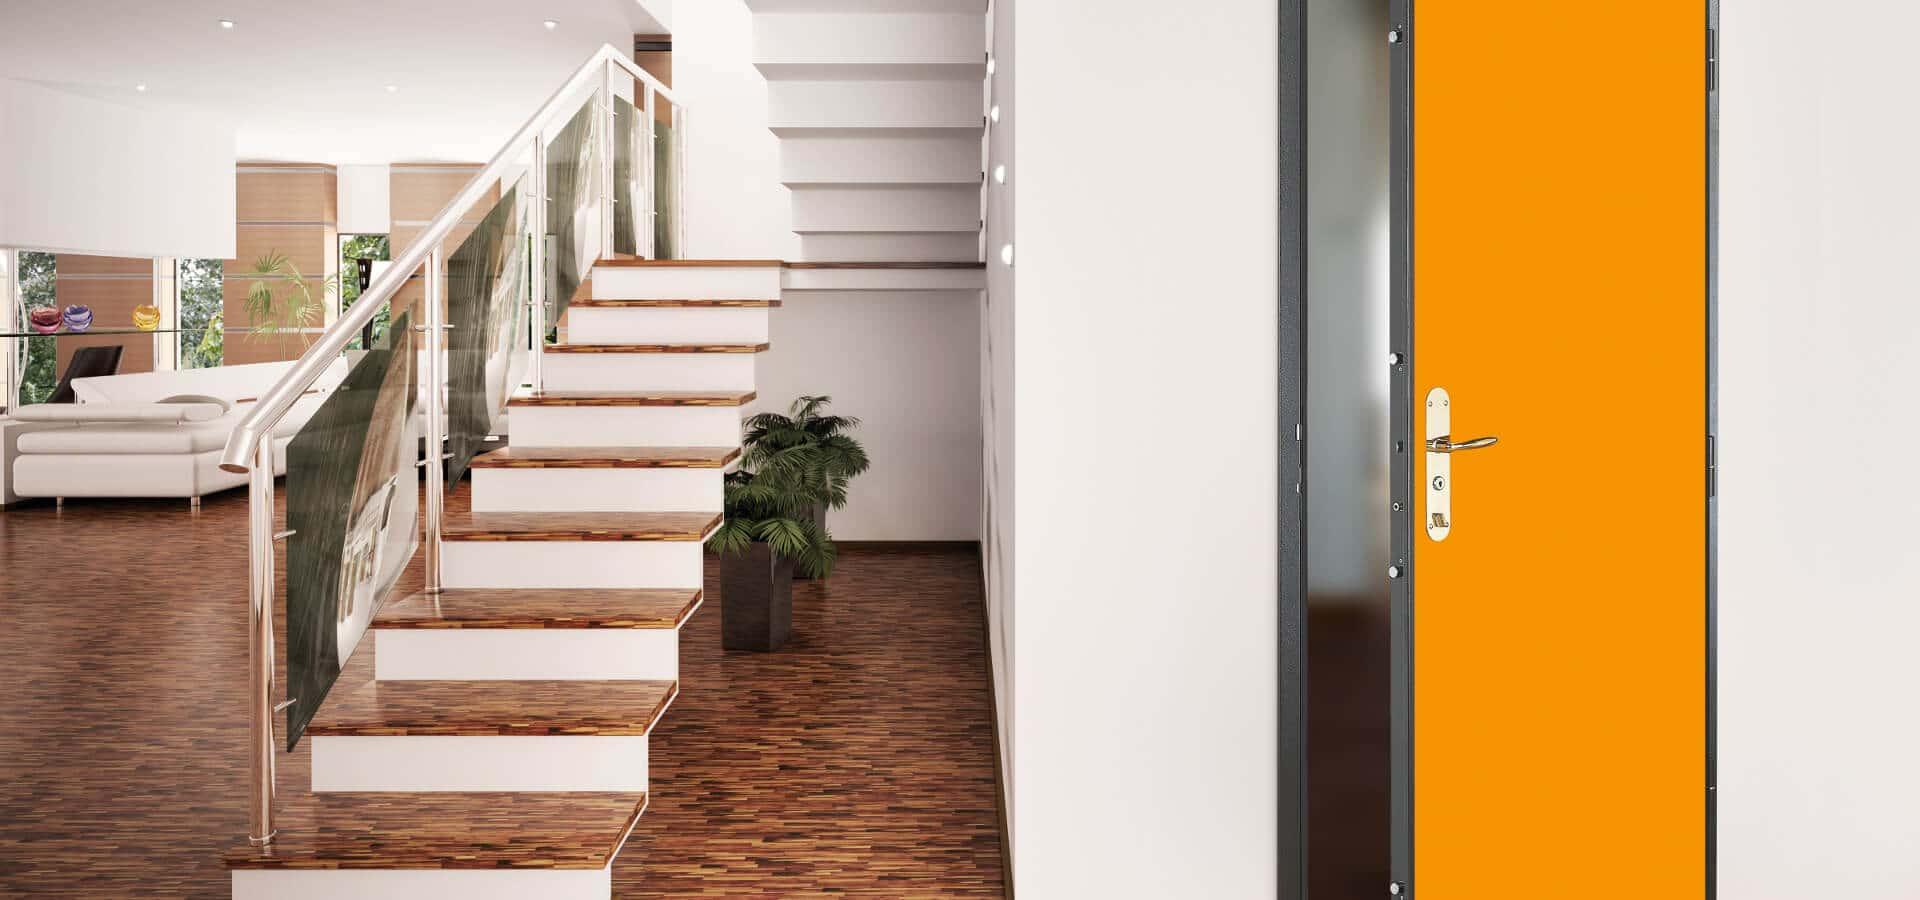 ouverture de porte claqu e lyon urgence ouverture 7j 7 24h 24. Black Bedroom Furniture Sets. Home Design Ideas